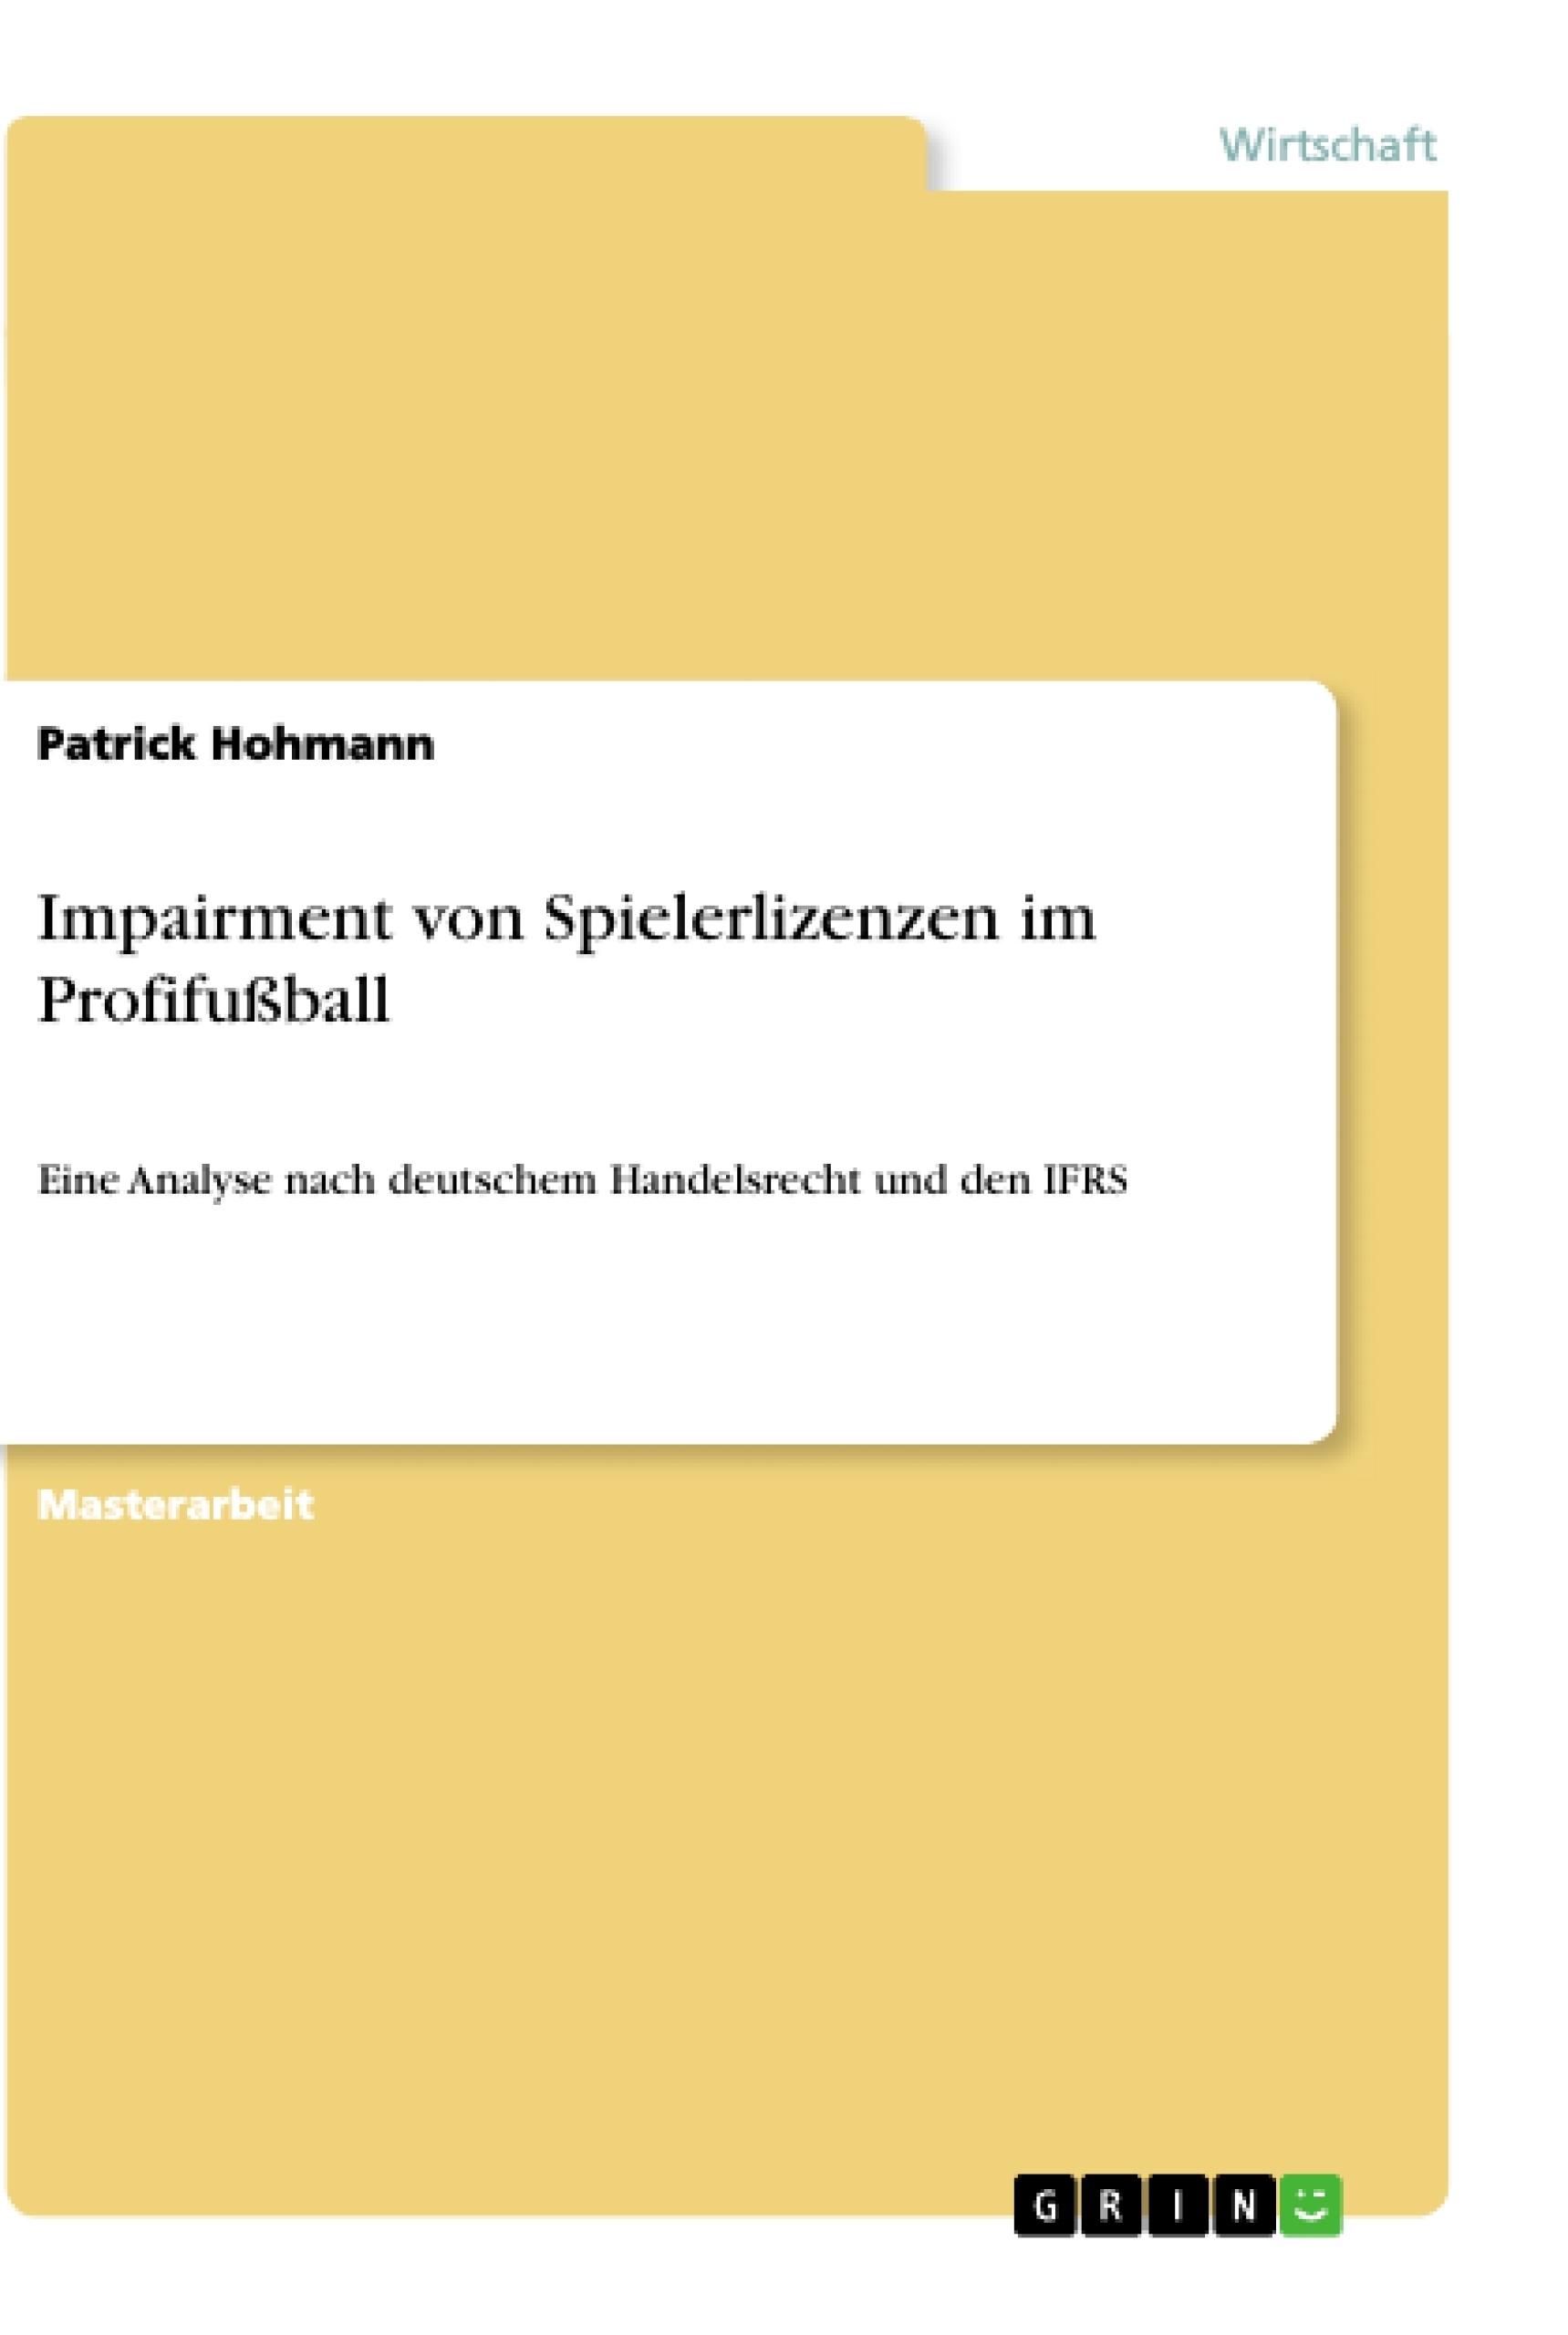 Titel: Impairment von Spielerlizenzen im Profifußball